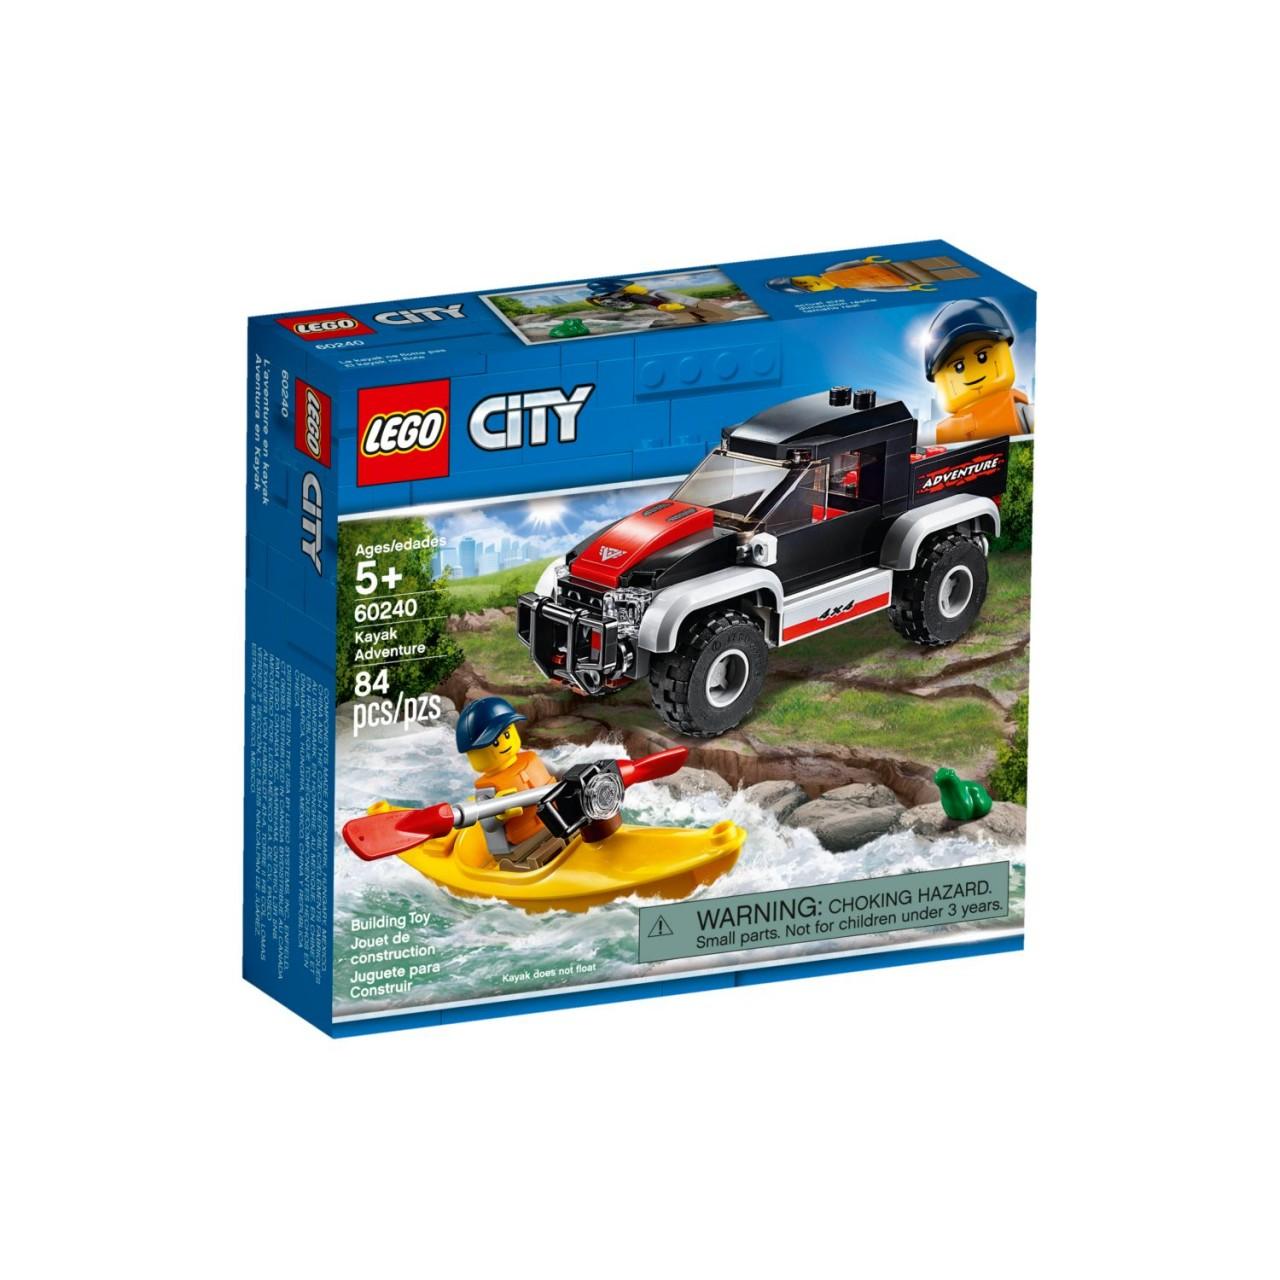 LEGO CITY 60240 Kajak-Abenteuer